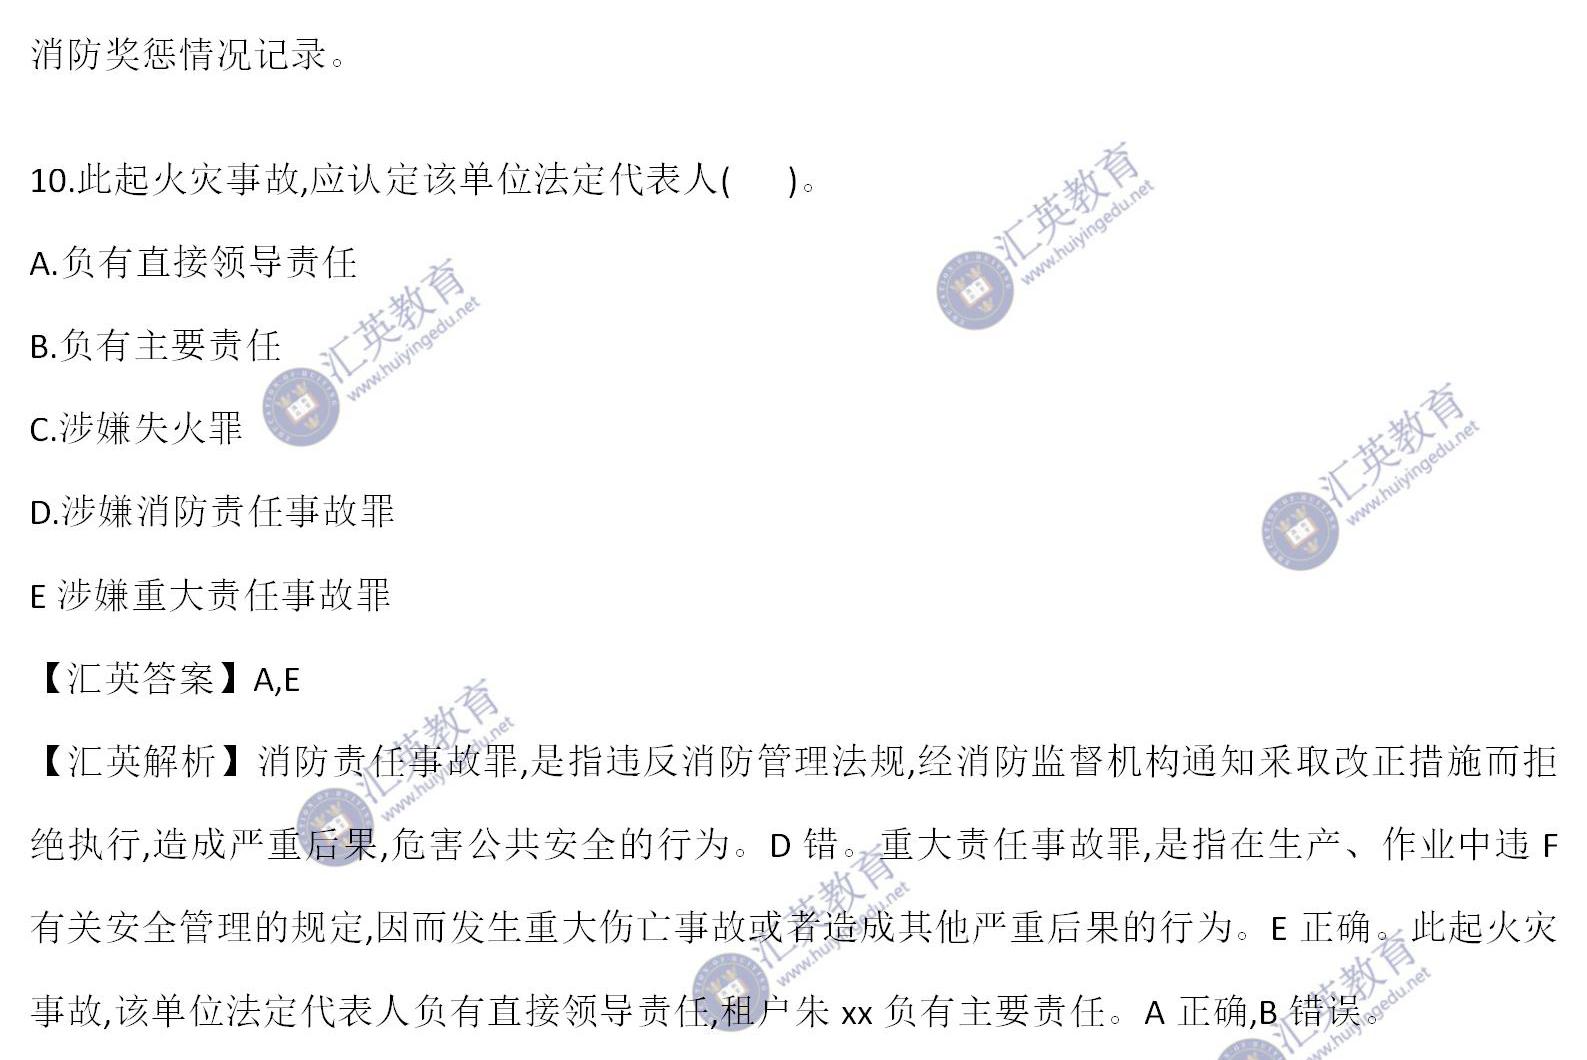 消防案例分析_0711.png